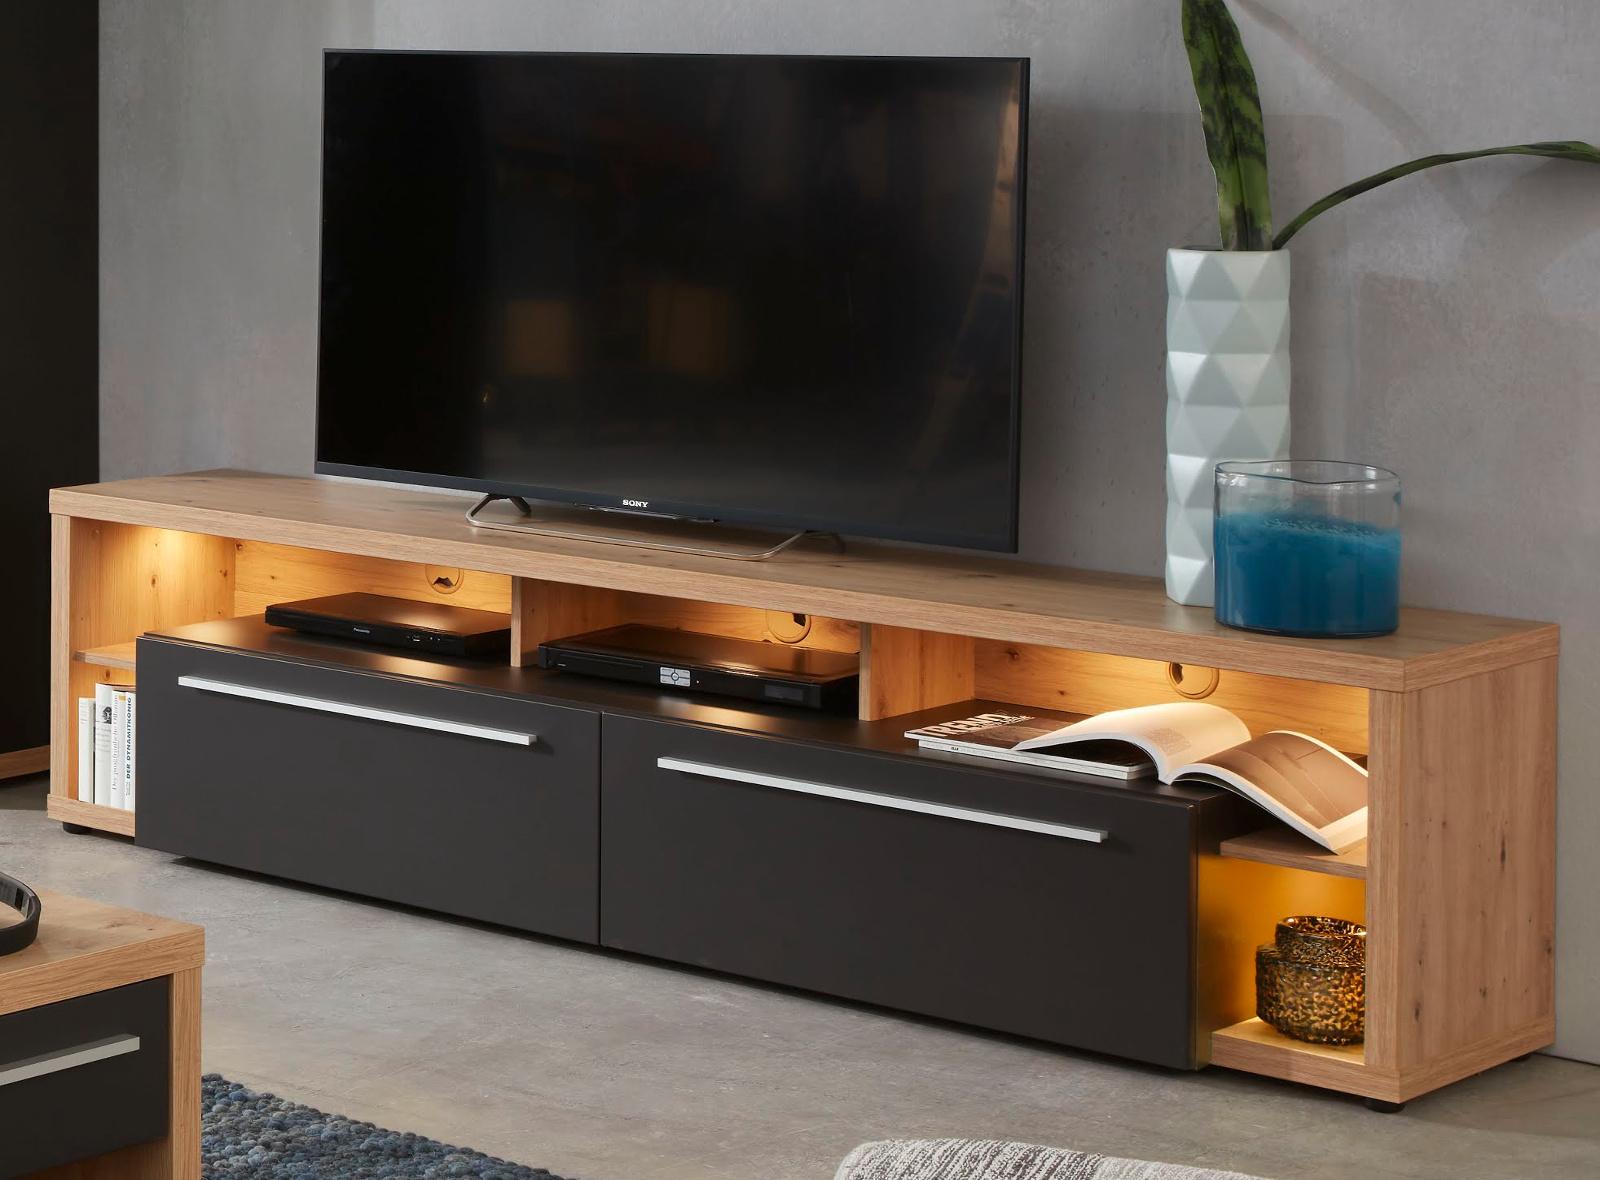 küche unterschrank massivholz ~ Logisting.com = Varie Forme di ... | {Küchen unterschrank landhaus 57}